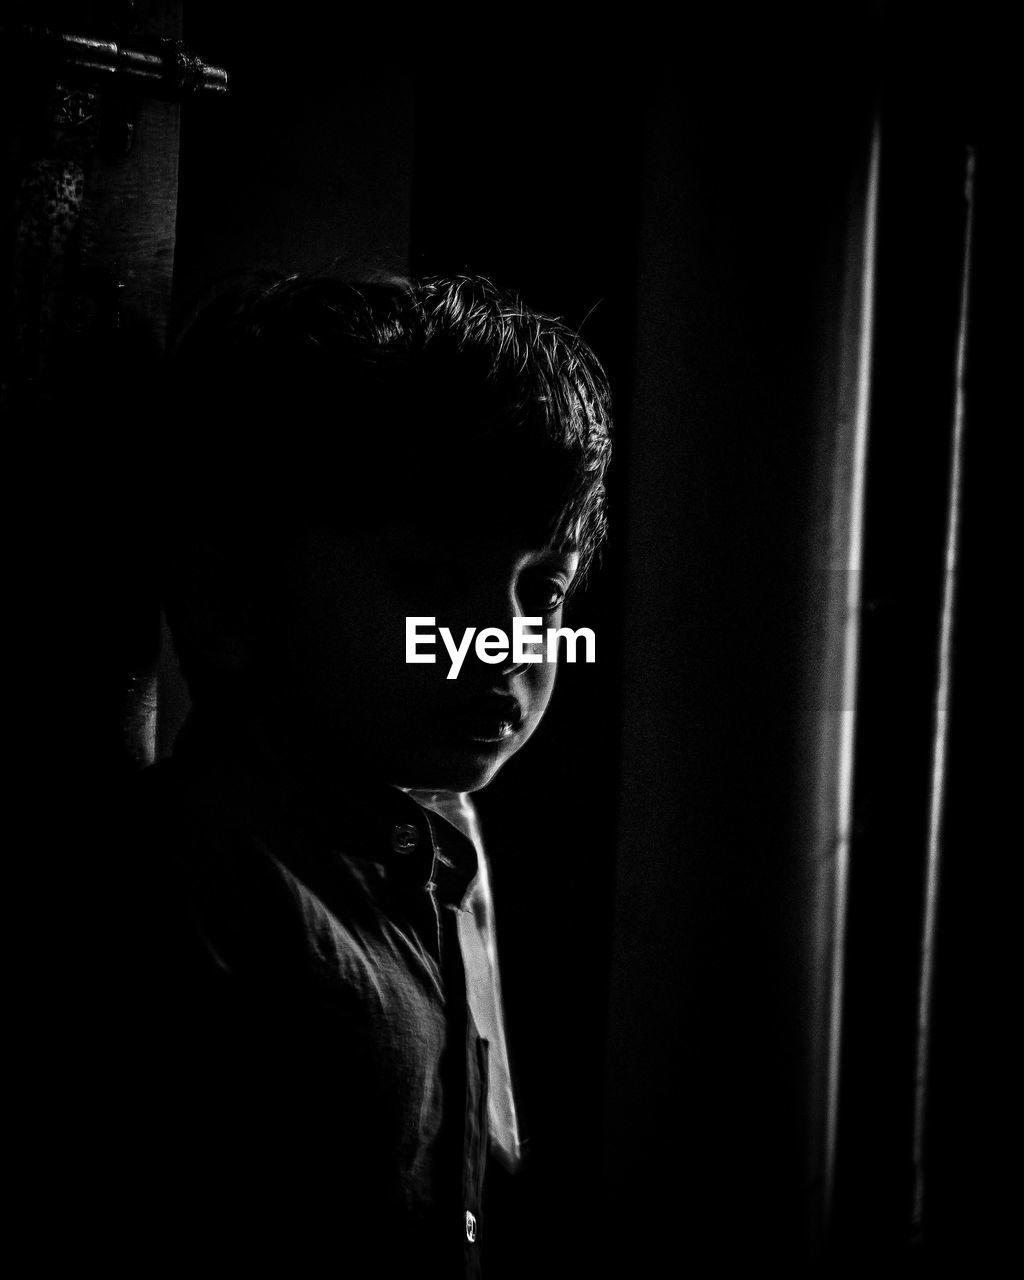 Portrait of boy standing in darkroom